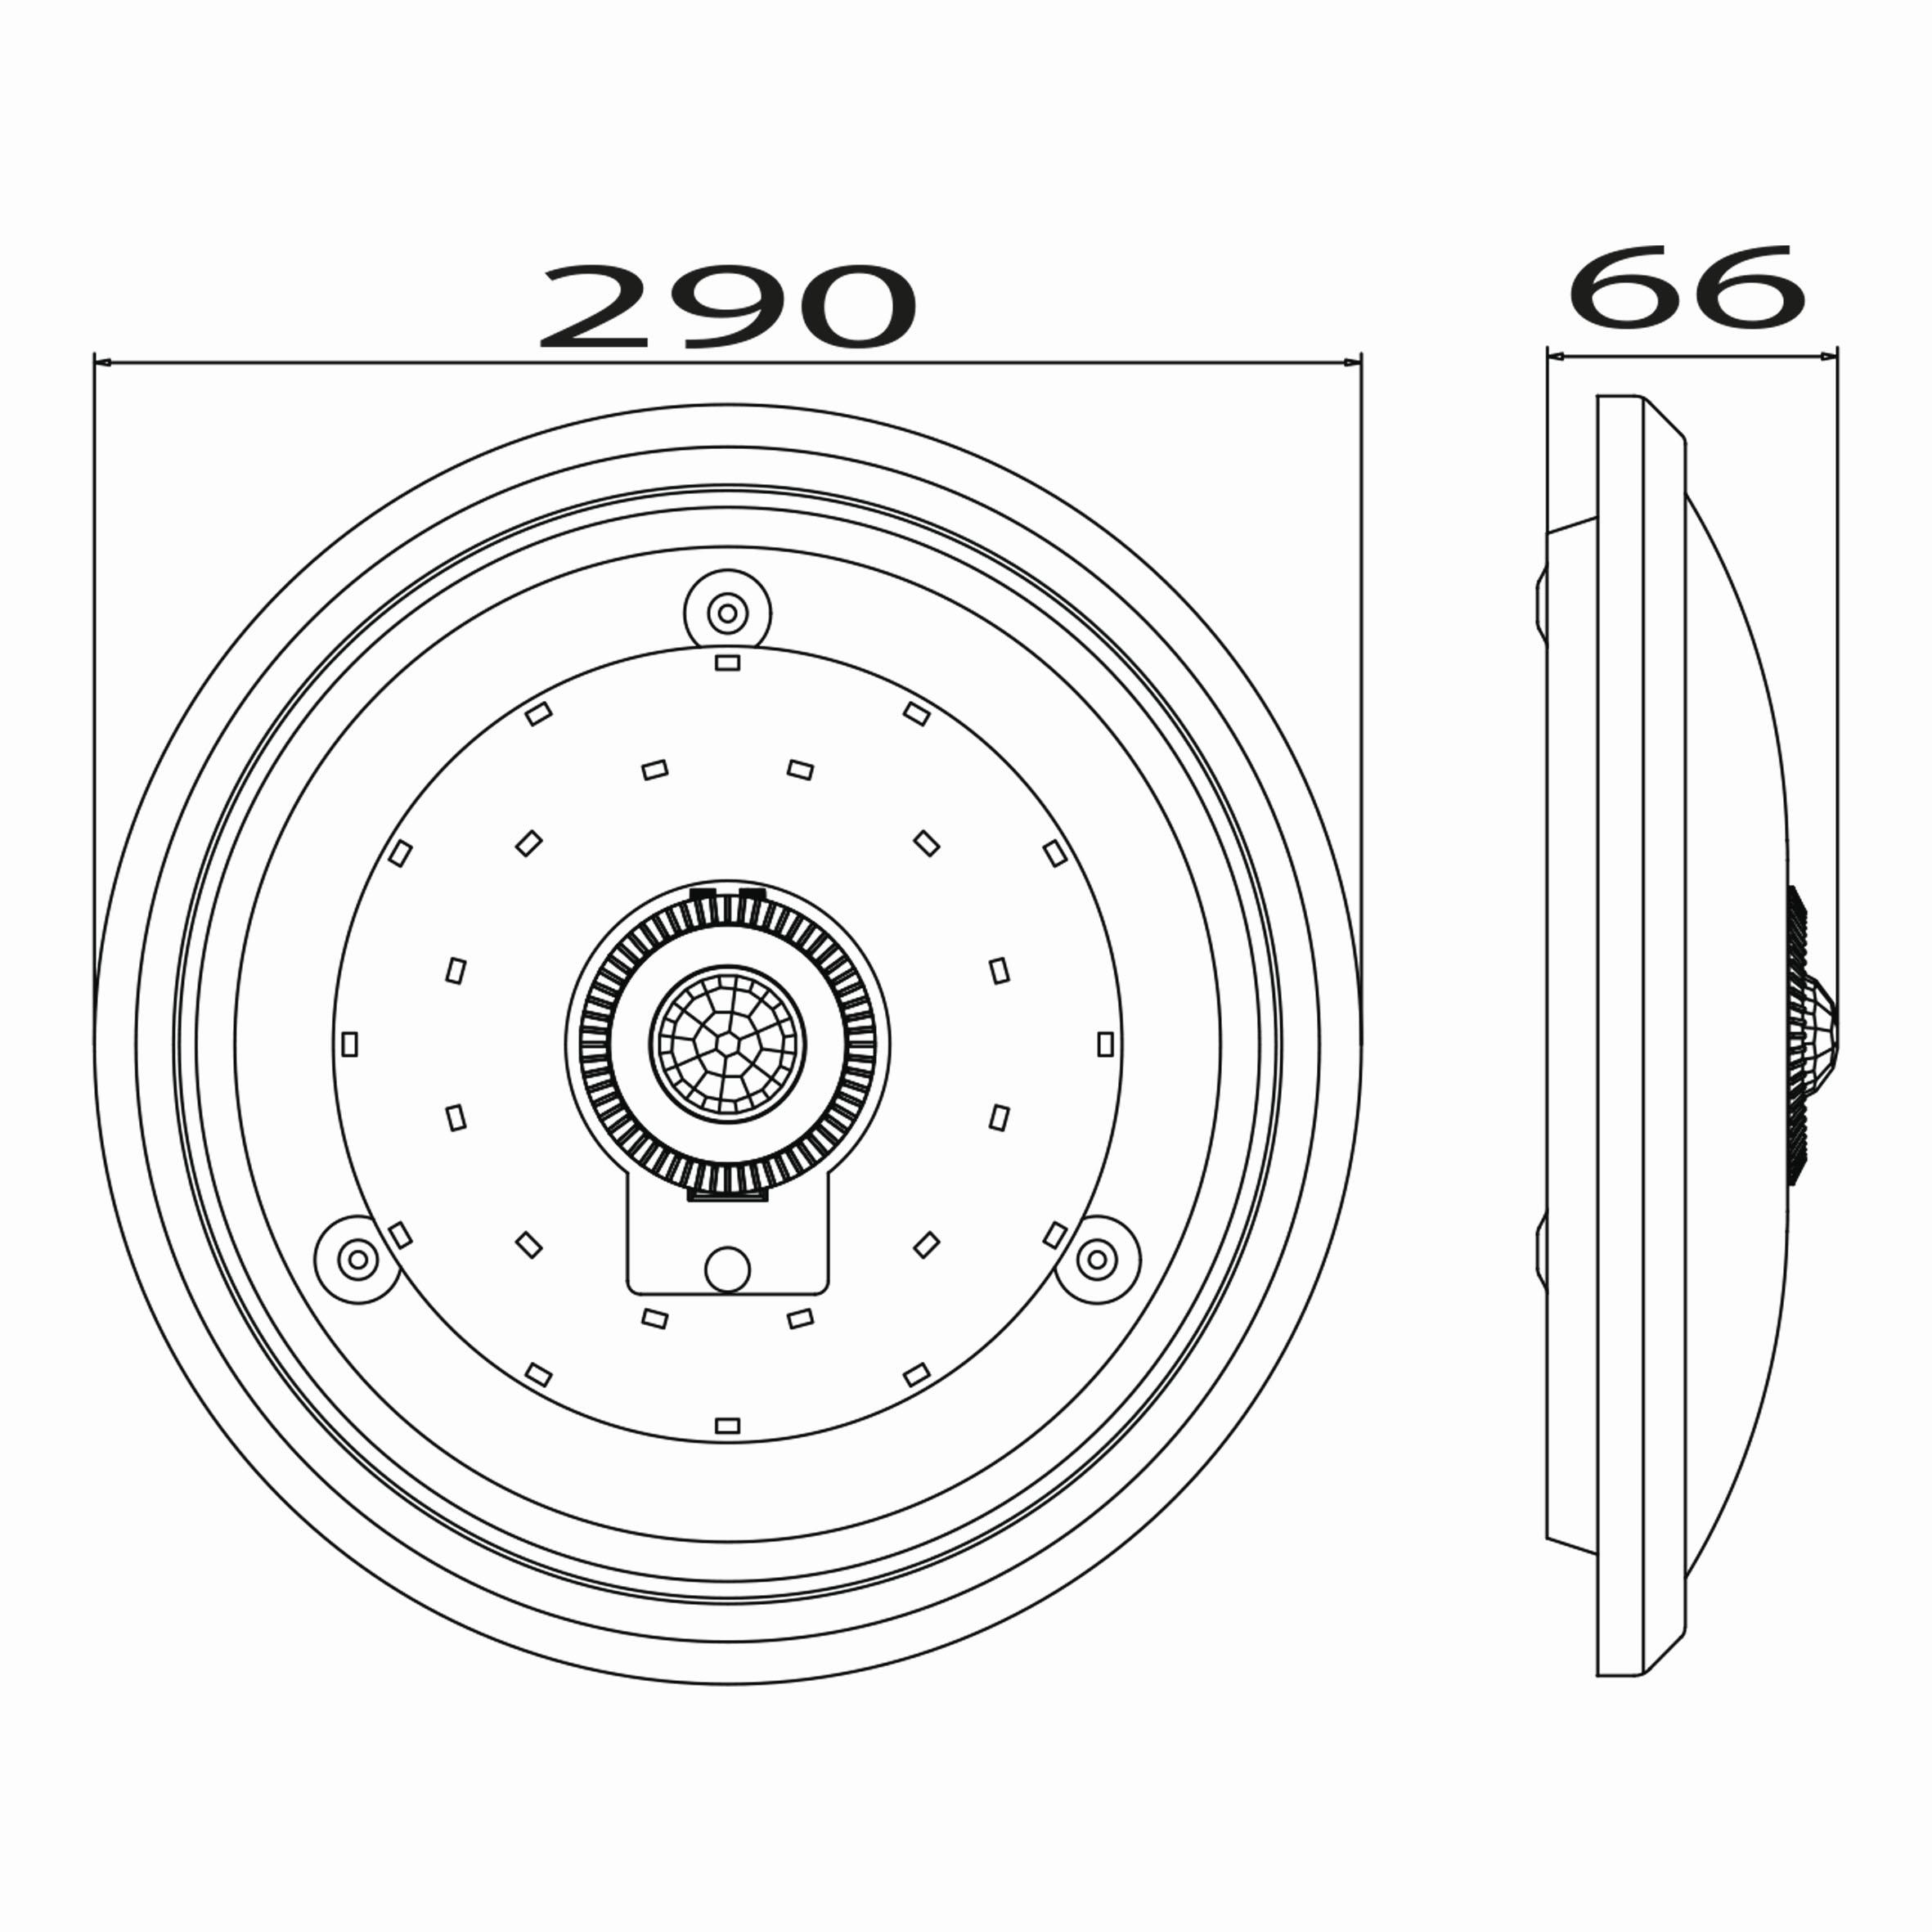 15w Ledli Sensörlü Armatür Teknik Çizim.